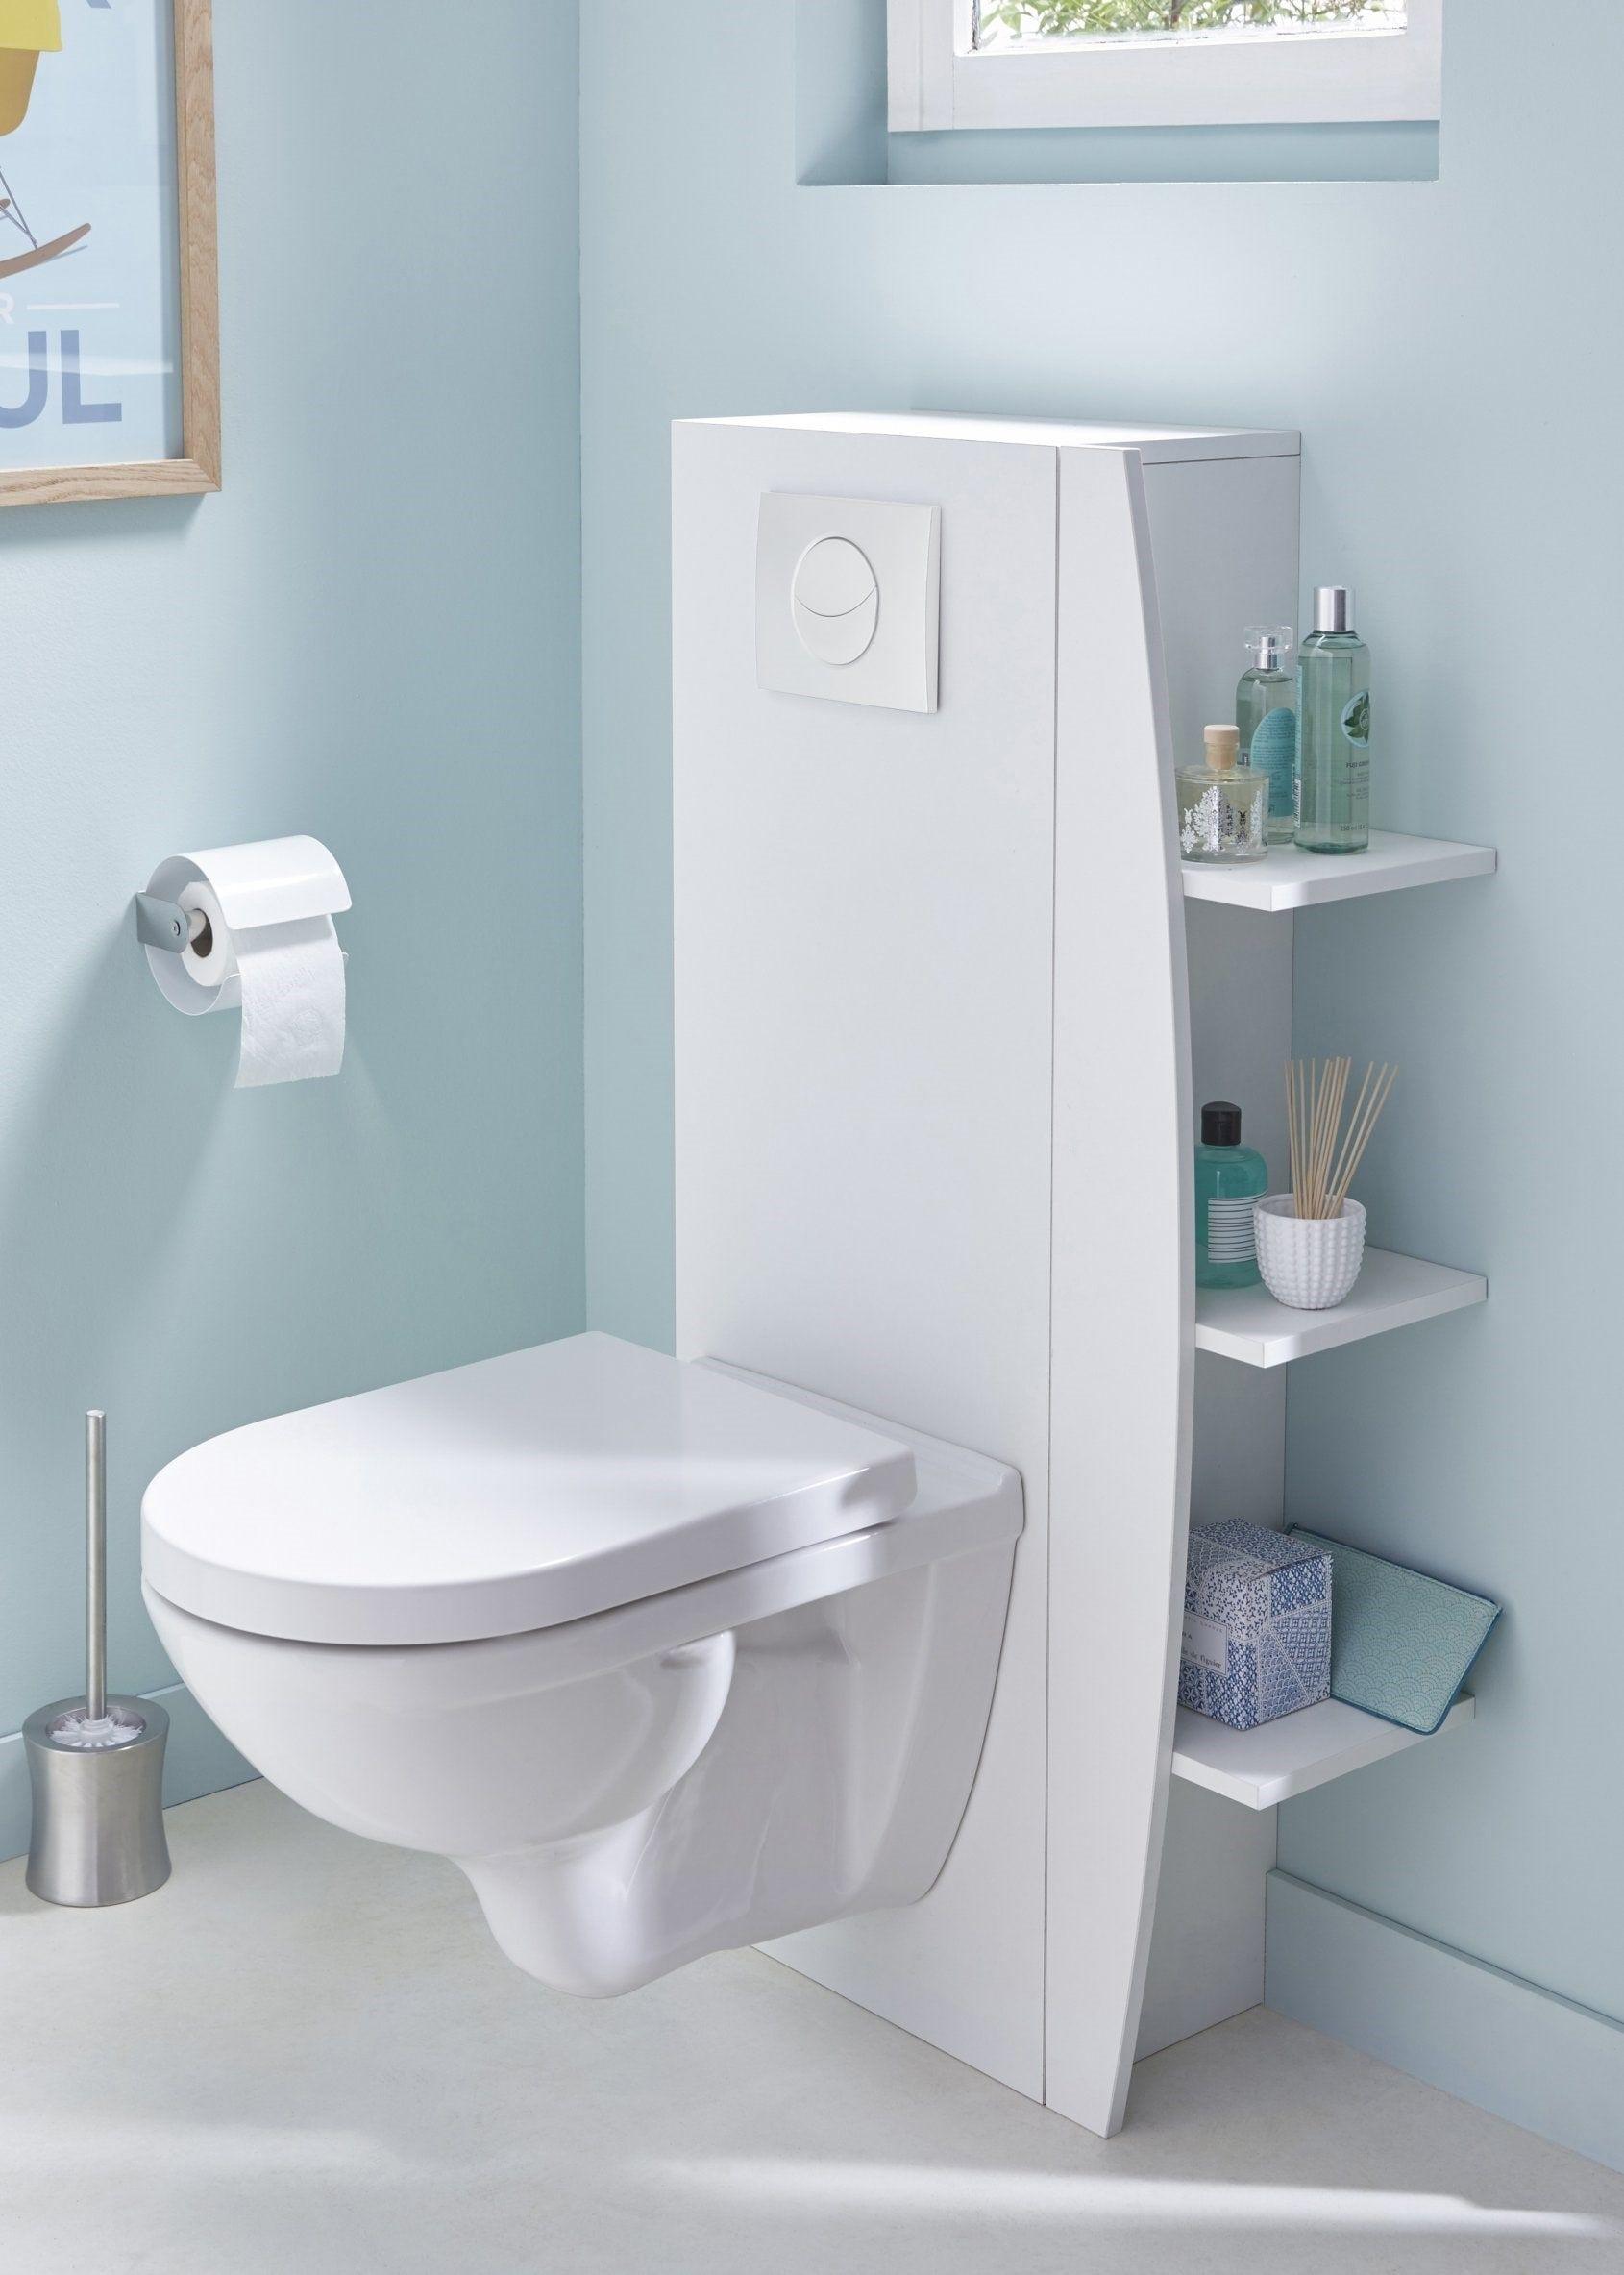 Déco de toilettes originales  12 idées pour décorer vos WC ...